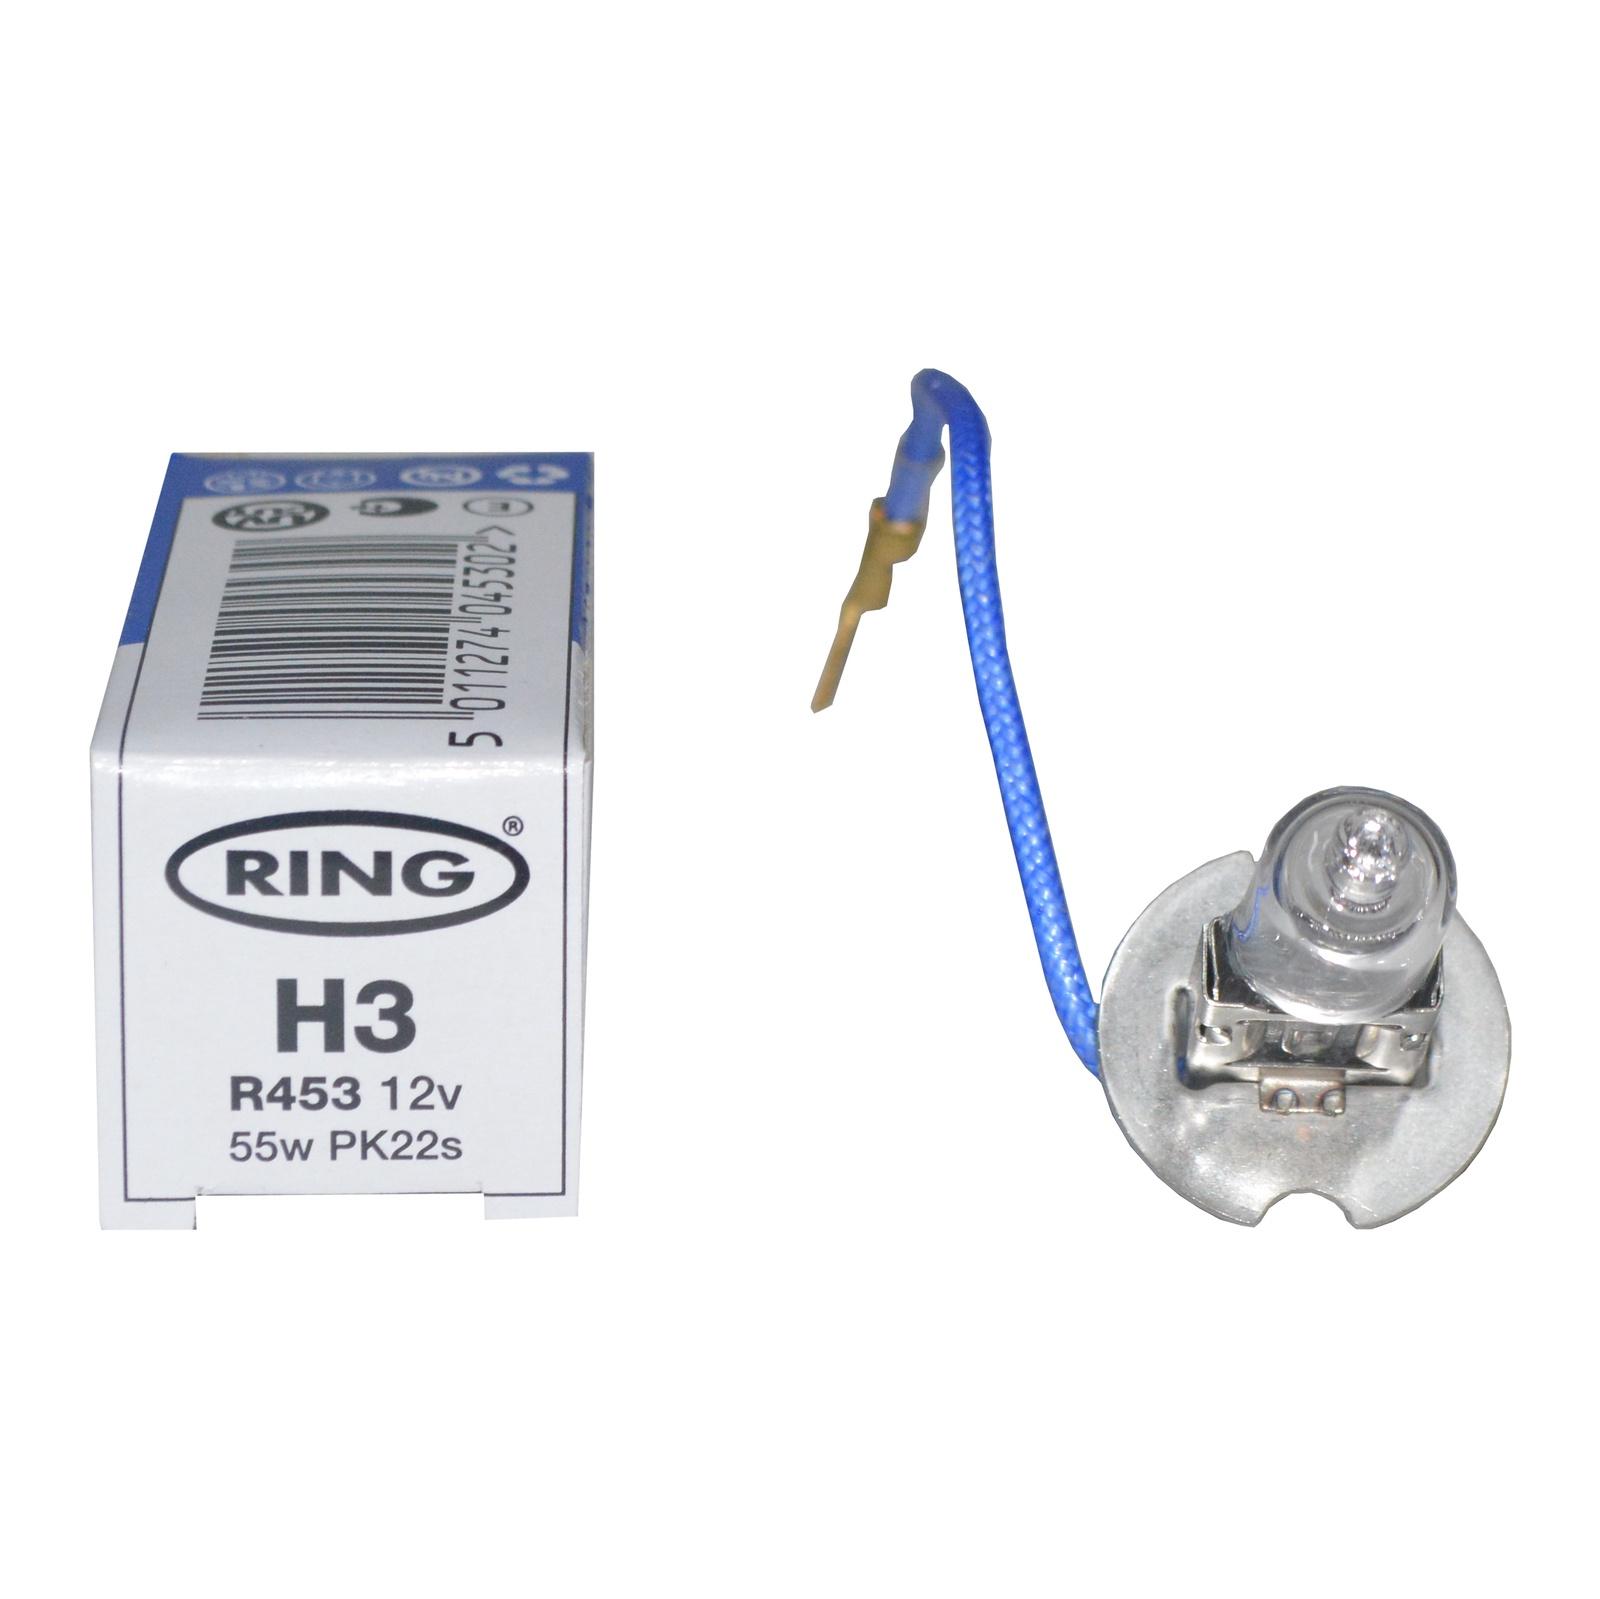 Лампа автомобильная RING R453R453Компания Ring Automotive была основана в 1974 году в английском городе Лидсе как производитель автомобильных ламп, в XXI веке приобрела известность благодаря инновационным разработкам в сфере автомобильного света и автоэлектротехнической продукции.От первых лампочек в сдвоенном блистере, и до самых современных разработок, Ring непрерывно совершенствует технологии, чтобы гарантировать высочайшие качество и технологичность продукции. Наработки компании в области электрооборудования автомобиля, помогли Ring в разработке и внедрении в производство целого ряда других автомобильных электрических устройств, таких как аккумуляторы, автомобильные инверторы, зарядные устройства, фонари и другие автомобильные аксессуары. Кроме устройств для легковых автомобилей Ring имеет большой ассортимент продукции с напряжением питания 24В для грузовых автомобилей.